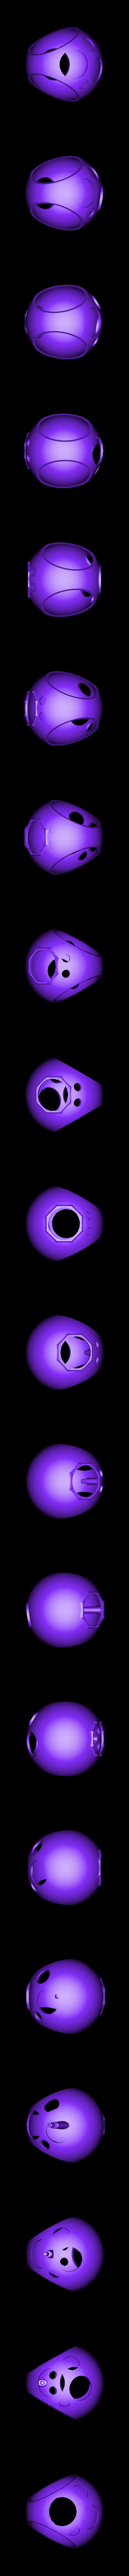 sphere-cabin.stl Download free STL file Pod Walker • 3D printing object, ferjerez3d